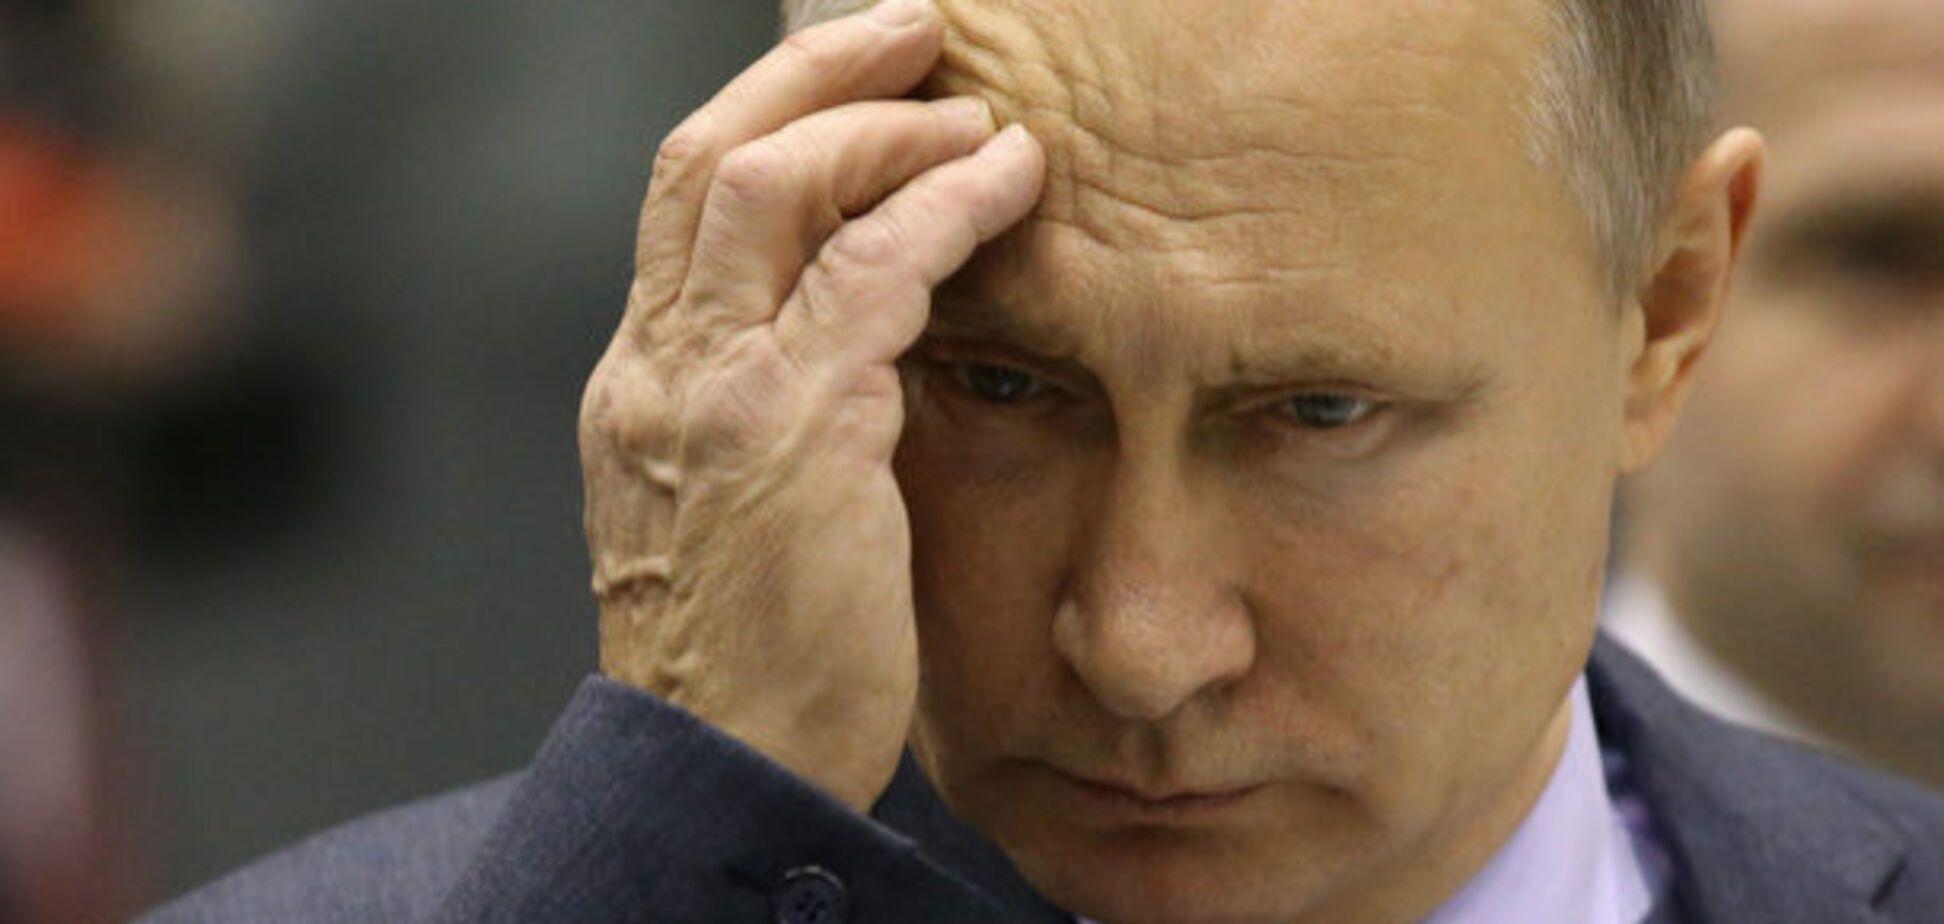 Войска РФ в Киеве и переворот: как Кремль попытается сменить власть в Украине